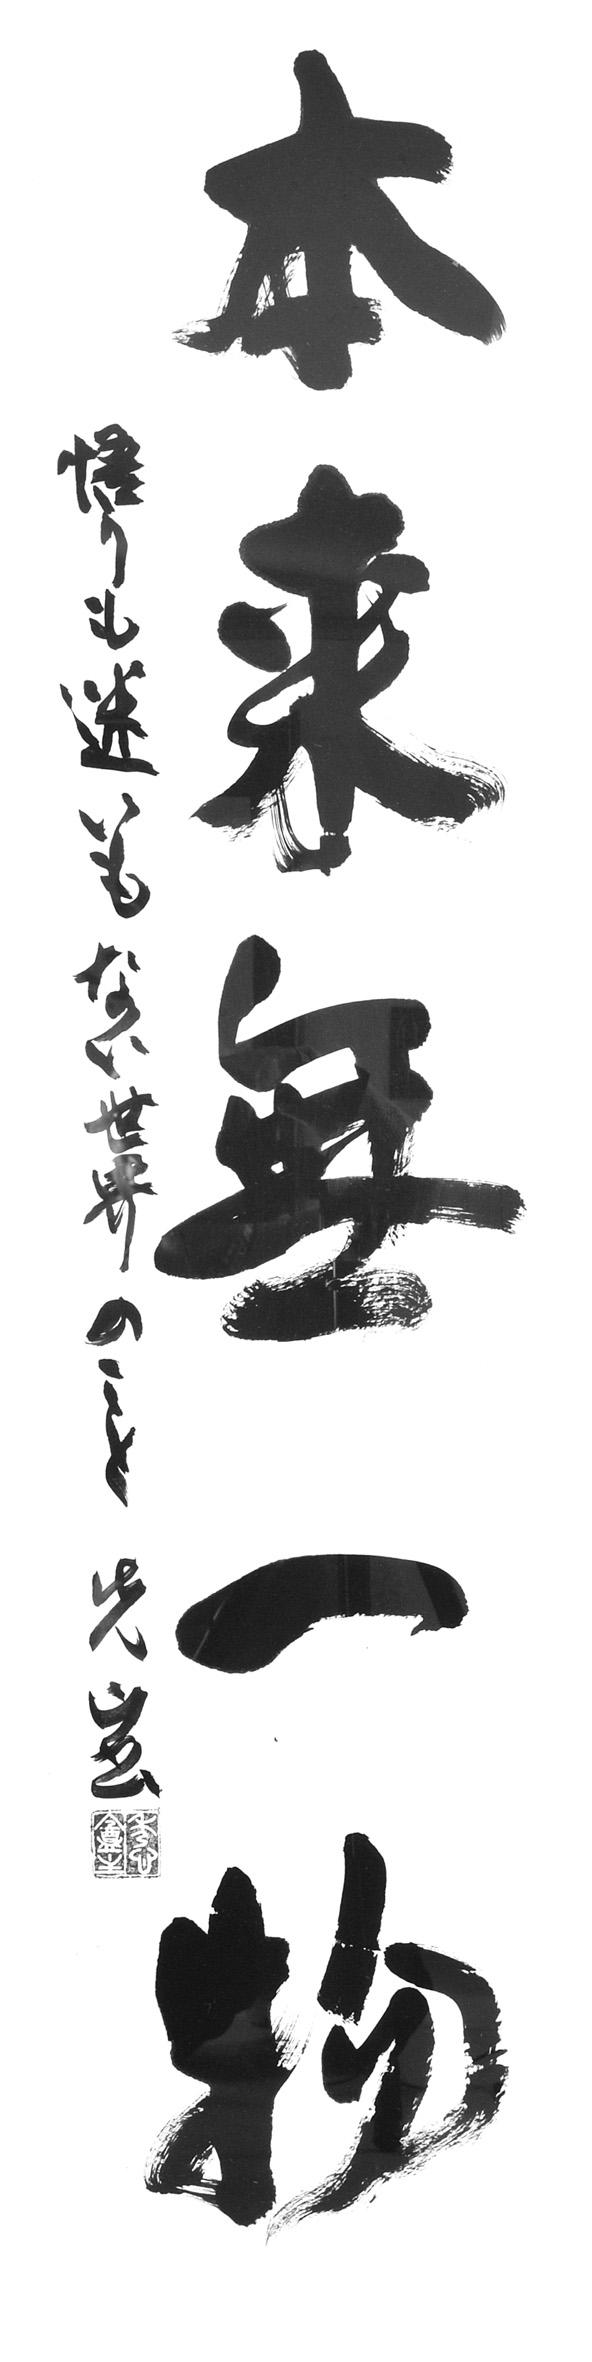 6.第一展覧会部長 細田先山